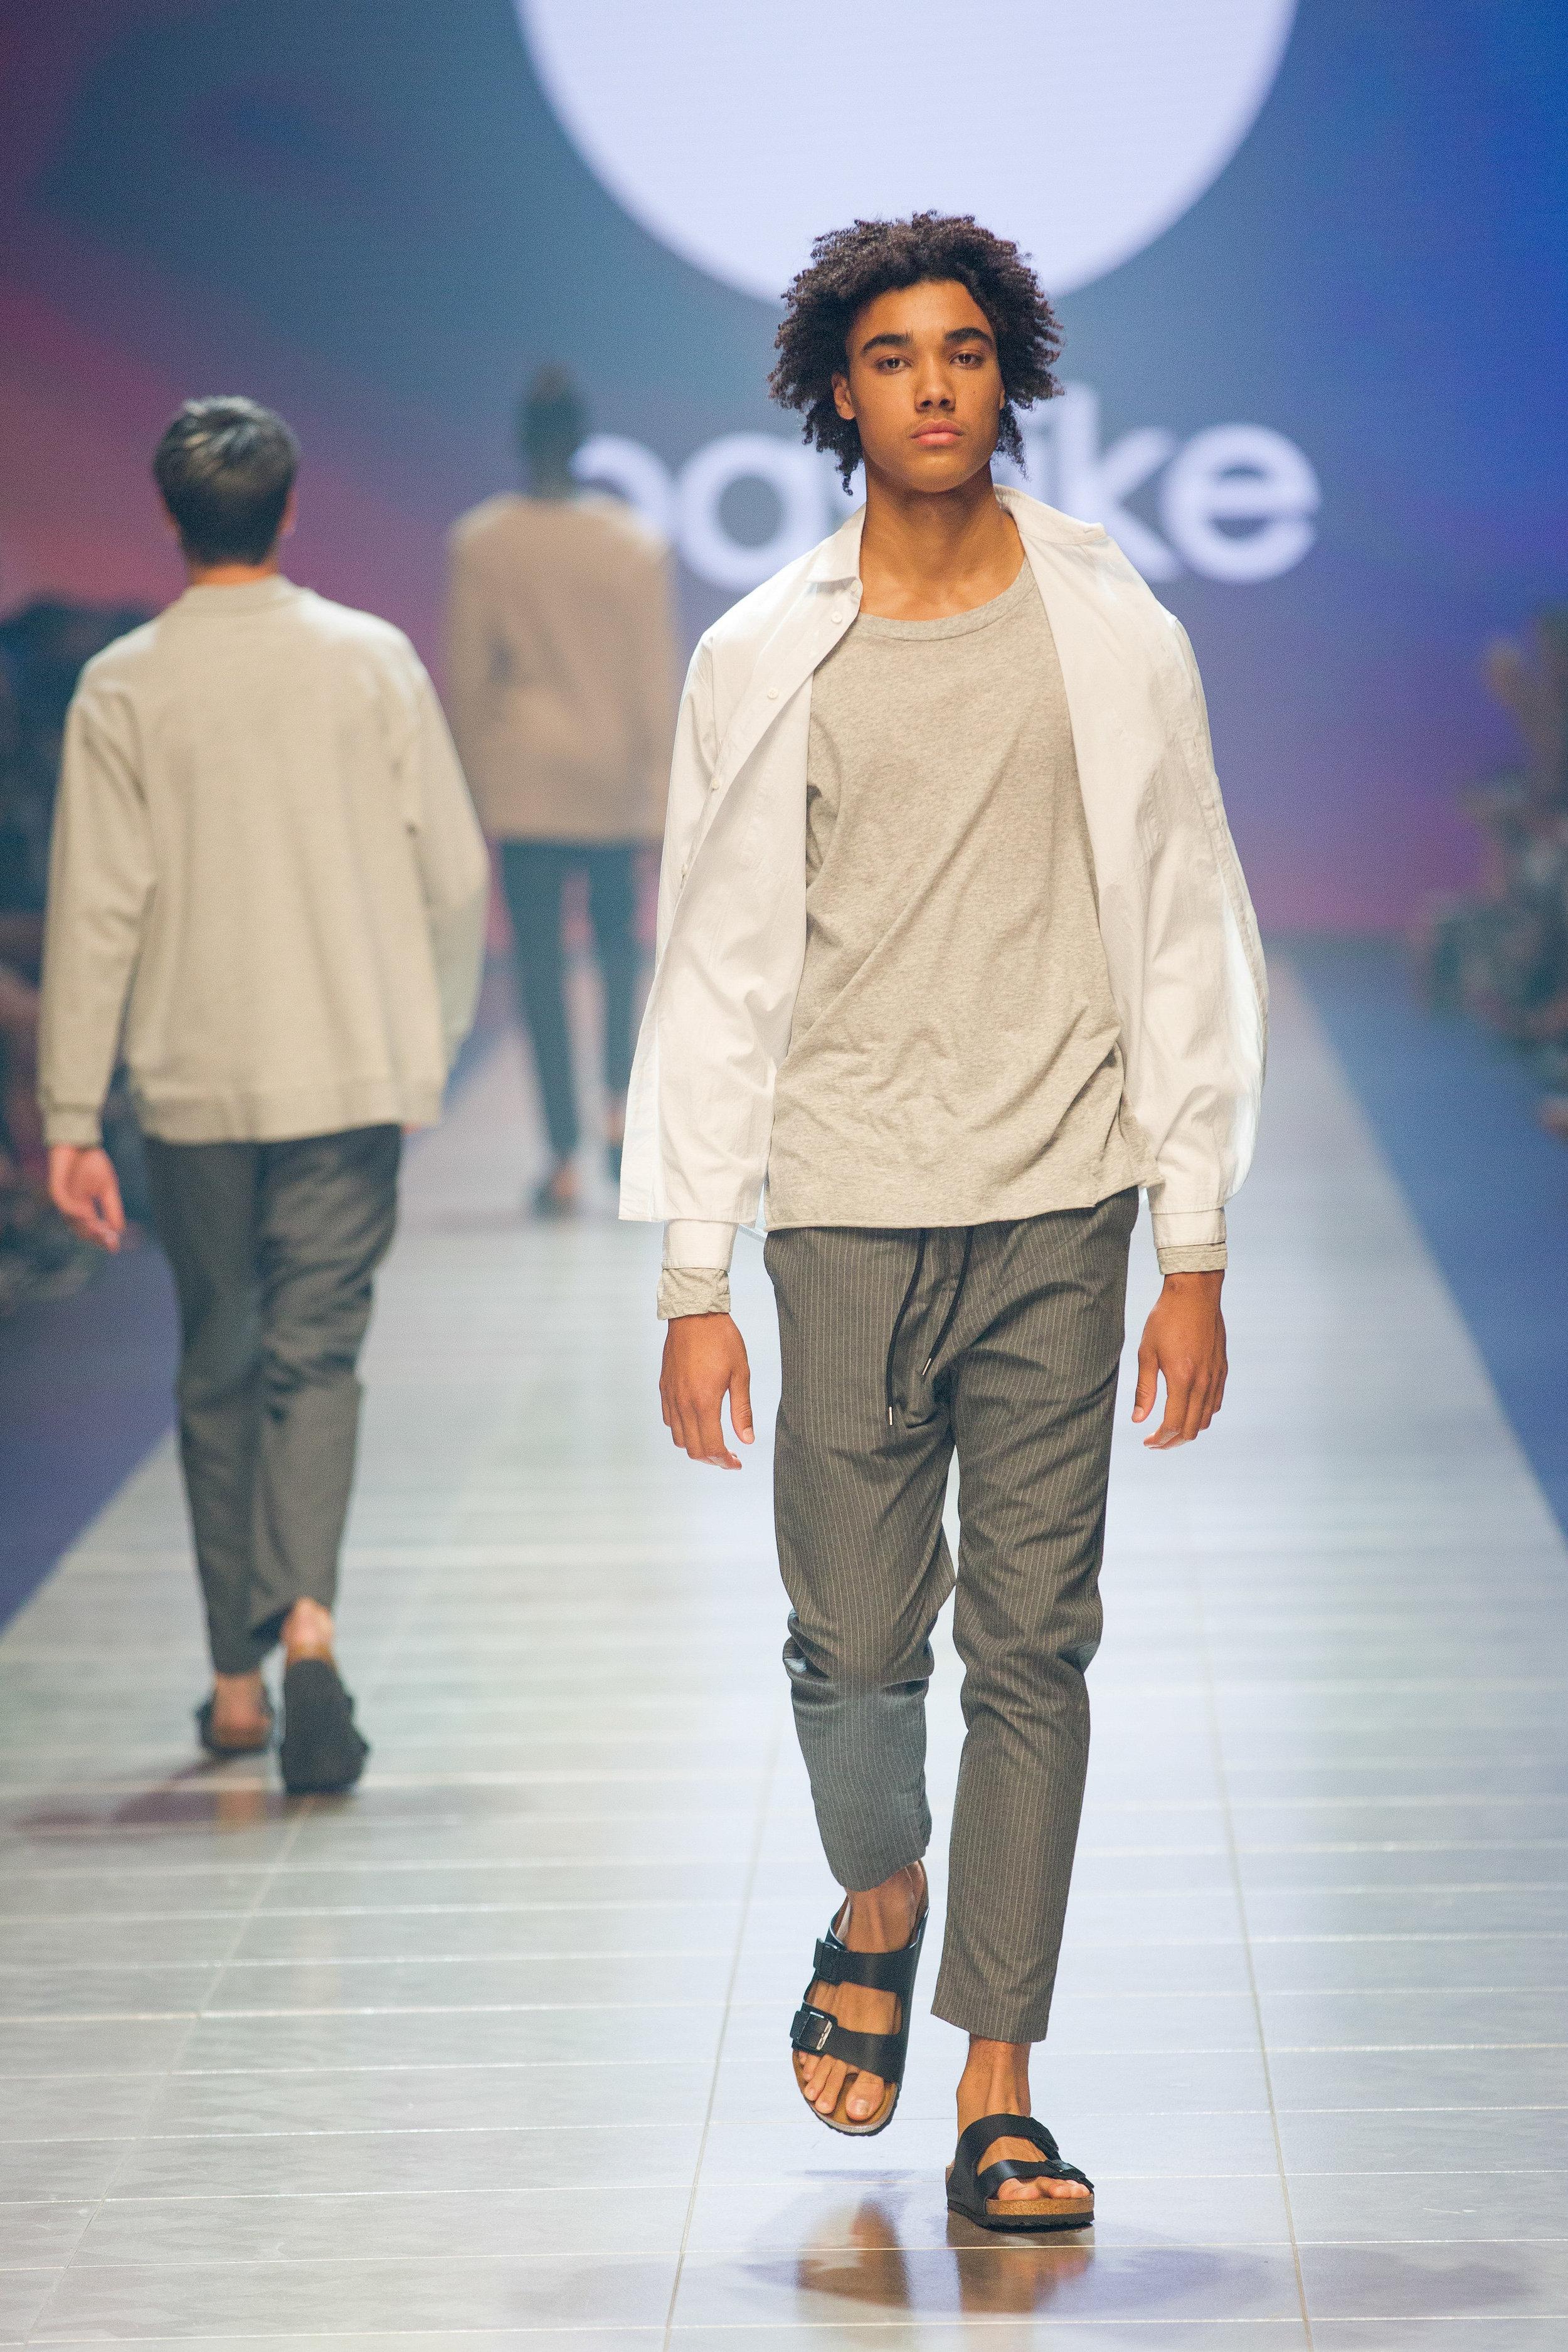 VAMFF2019_GQ Menswear-268.jpg